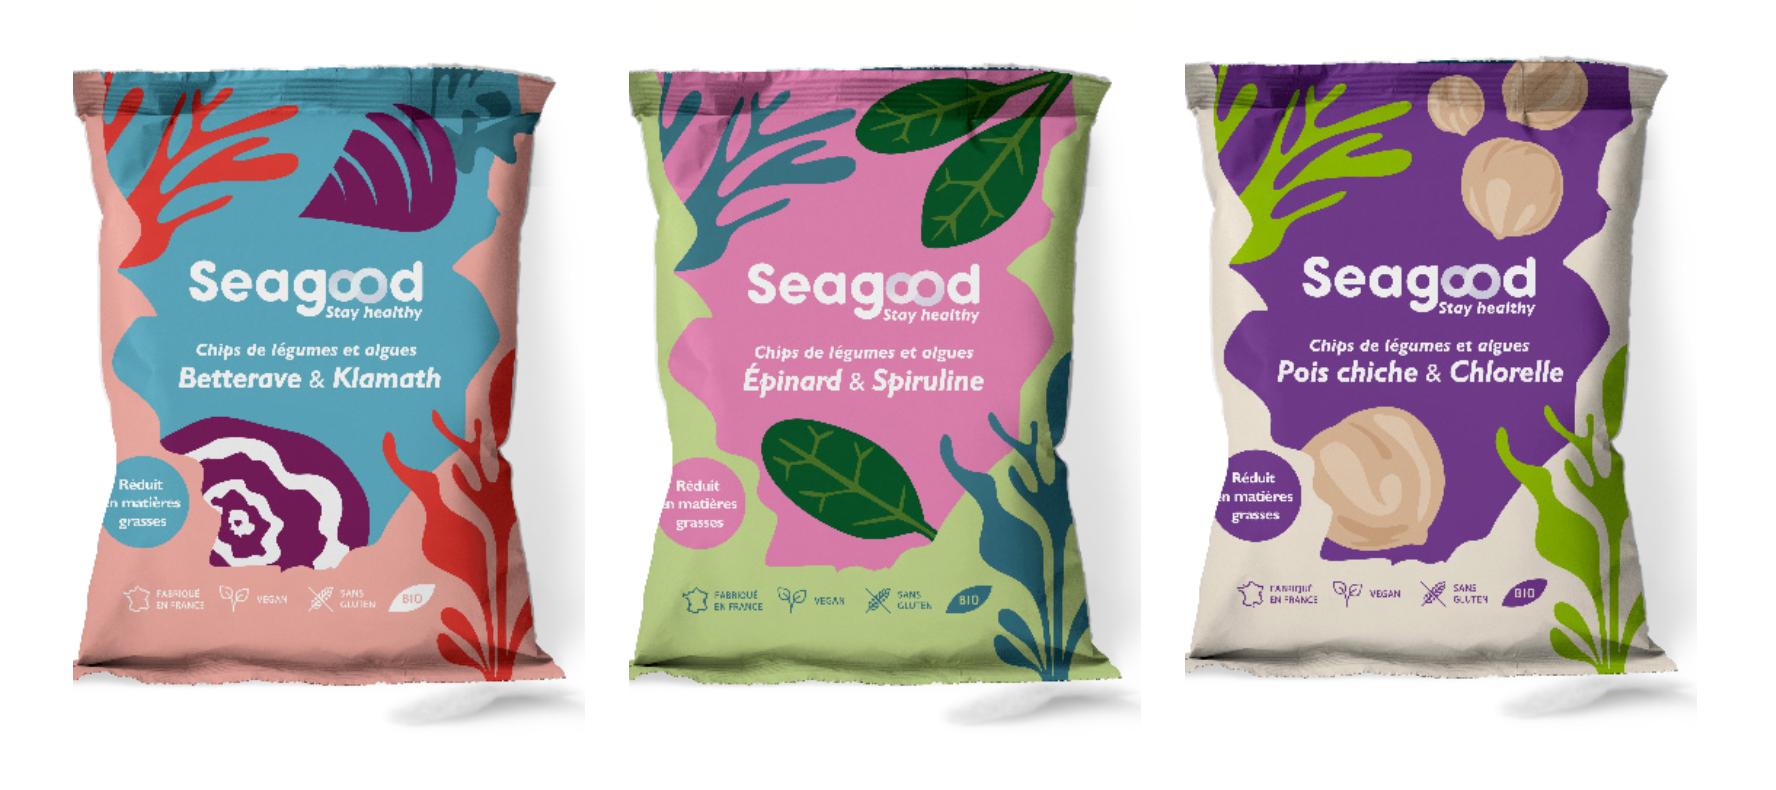 Capture d'écran 2020 02 14 à 17.07.31 - Algo et Seagood, deux marques pour démocratiser la consommation d'algues au quotidien